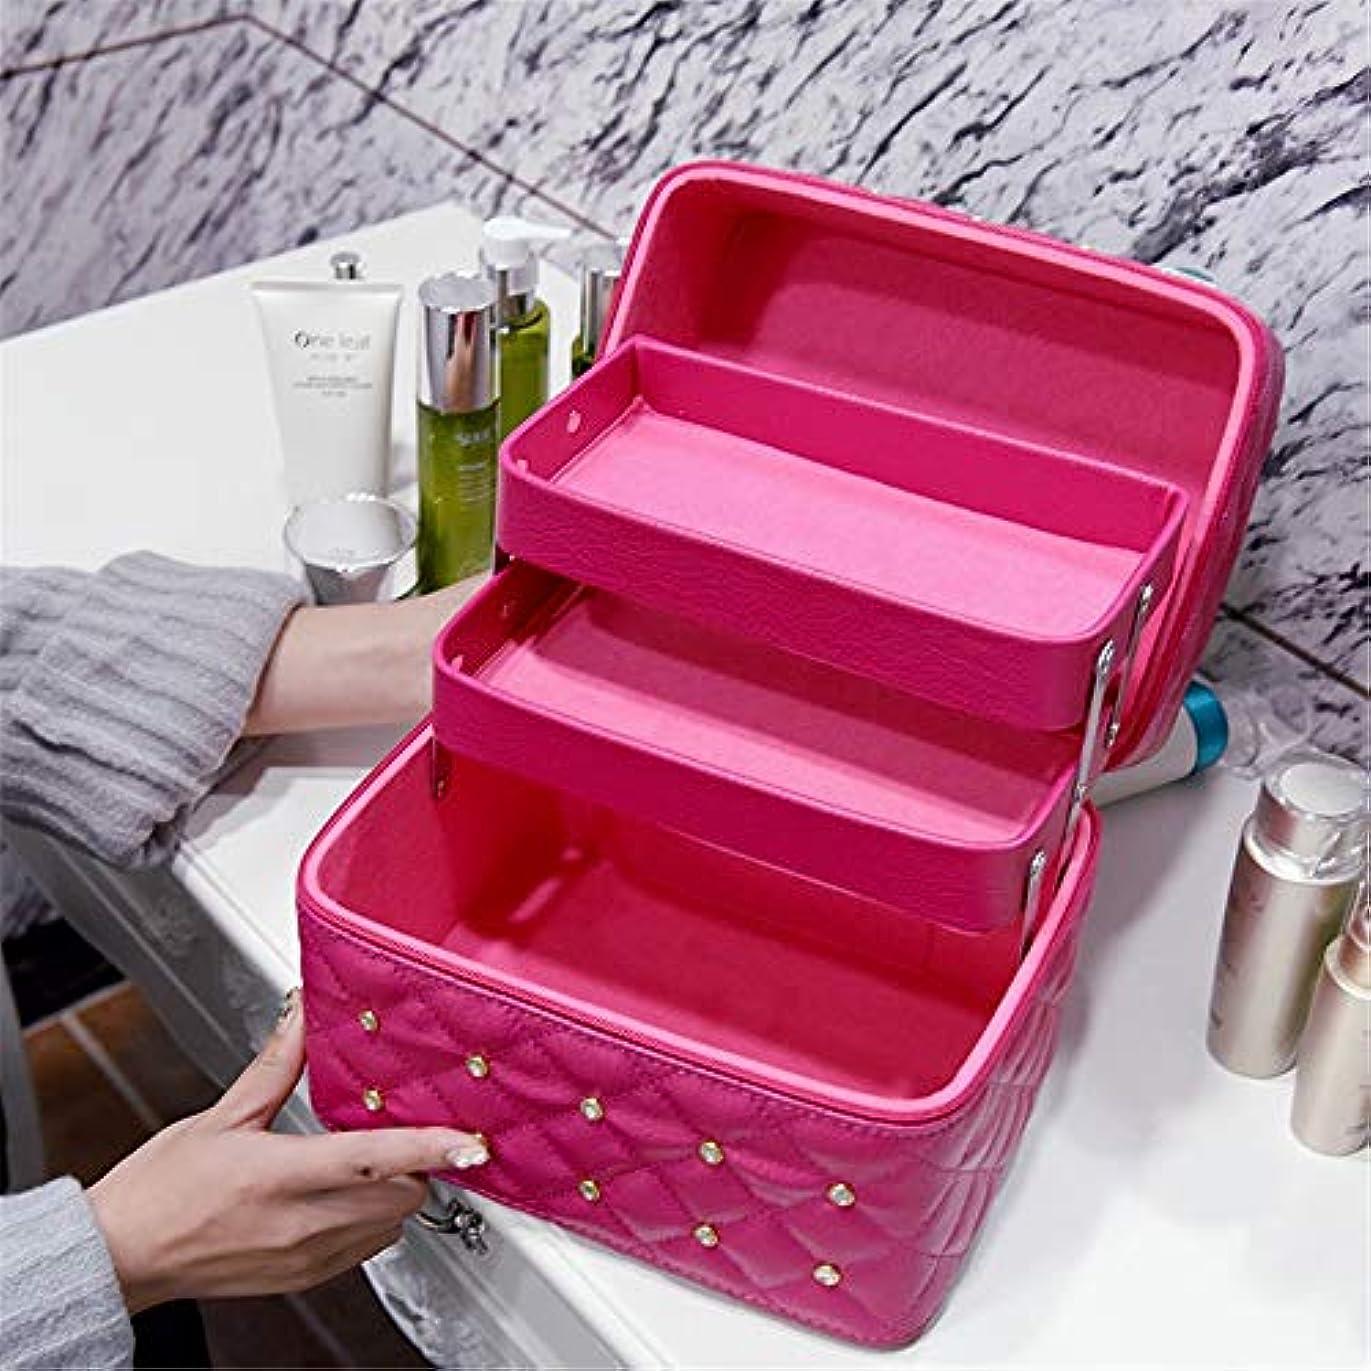 化粧オーガナイザーバッグ メイクアップトラベルバッグPUレター防水化粧ケースティーン女の子の女性のアーティストのための 化粧品ケース